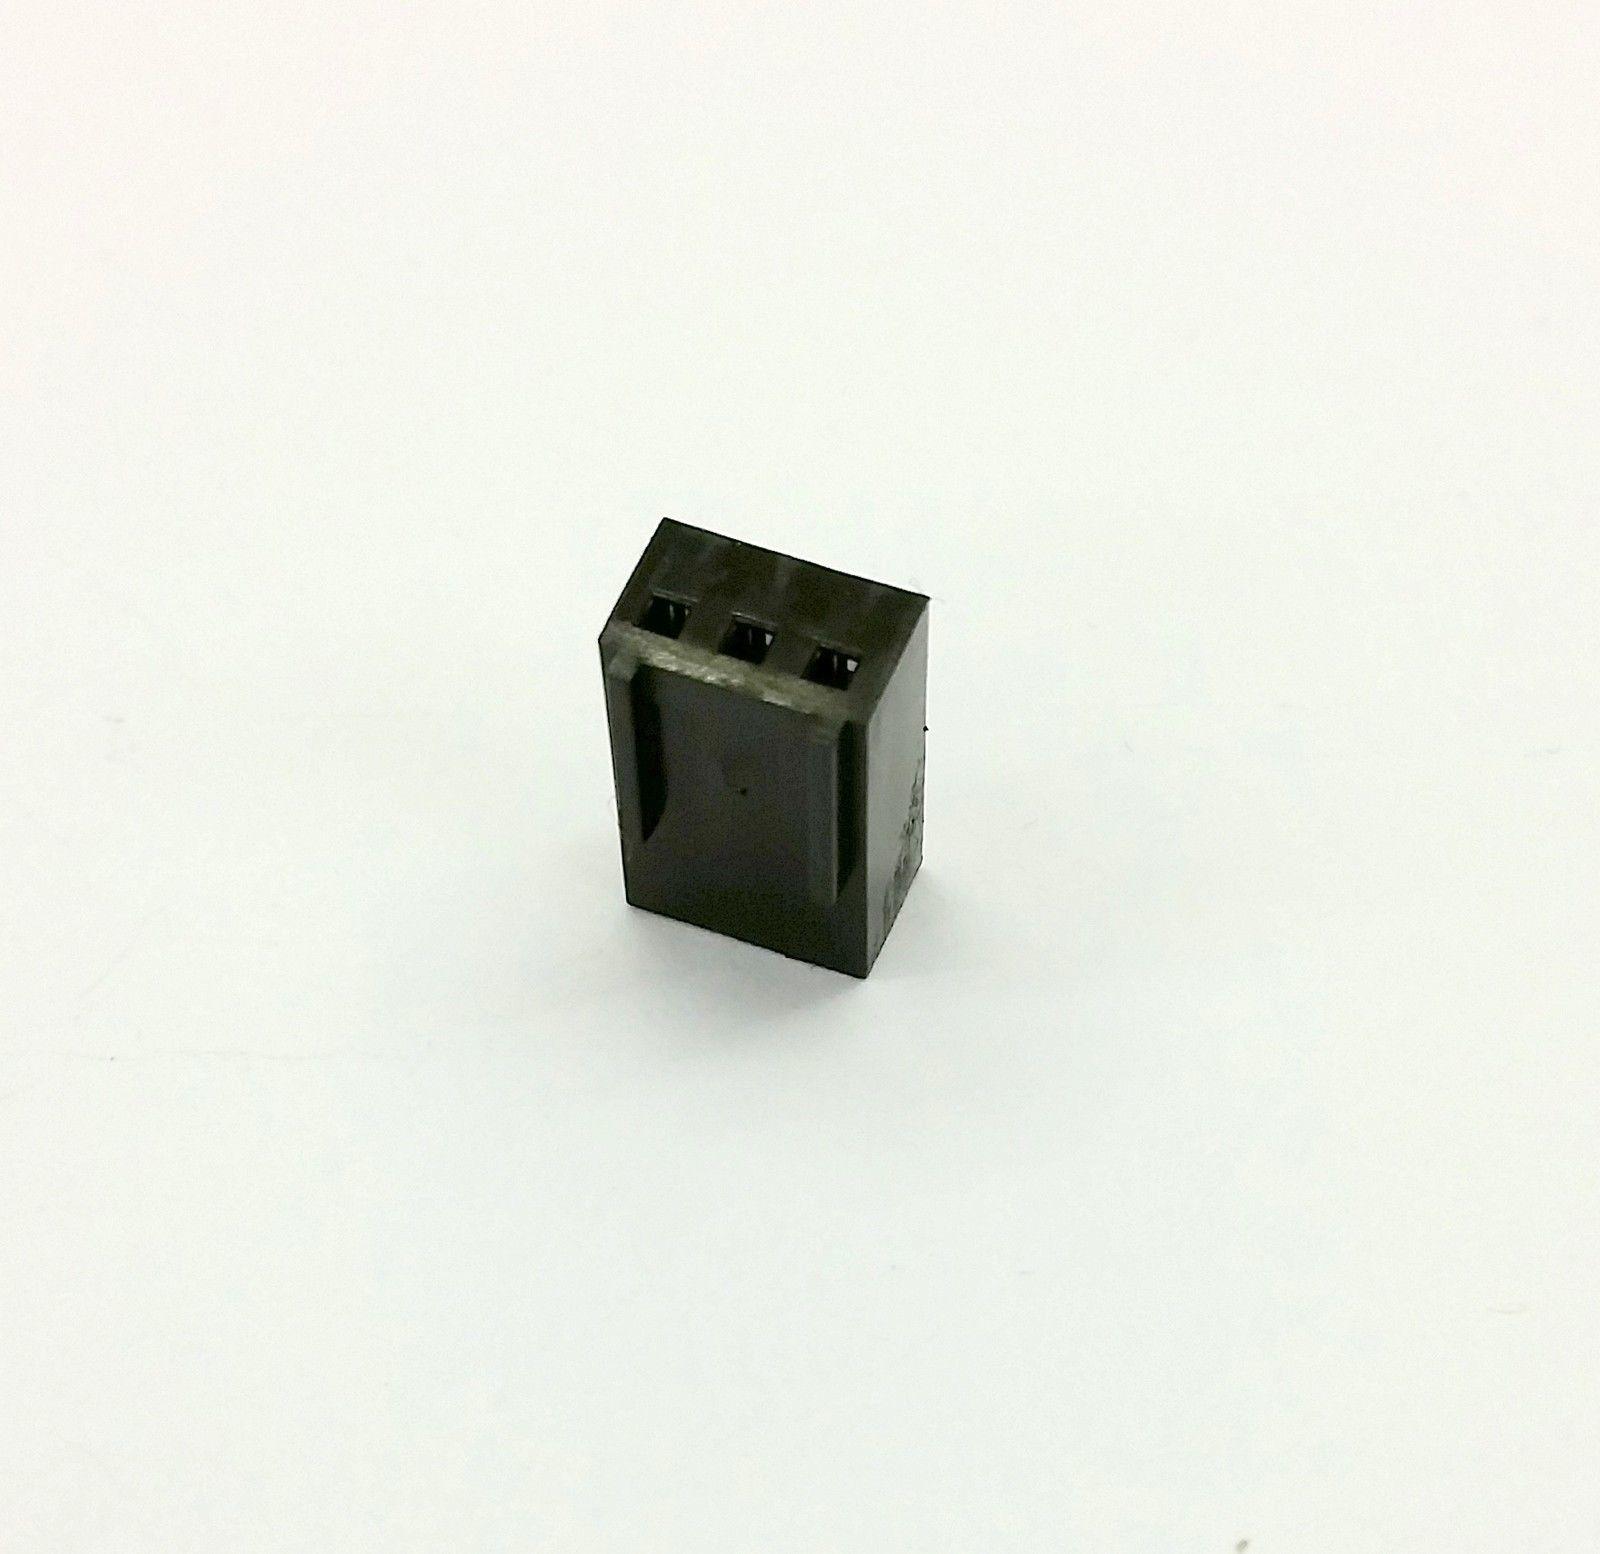 Packung von 2 - Buchse 3 Pin Lüfter Strom Verbinder - schwarz mit Pins image 2